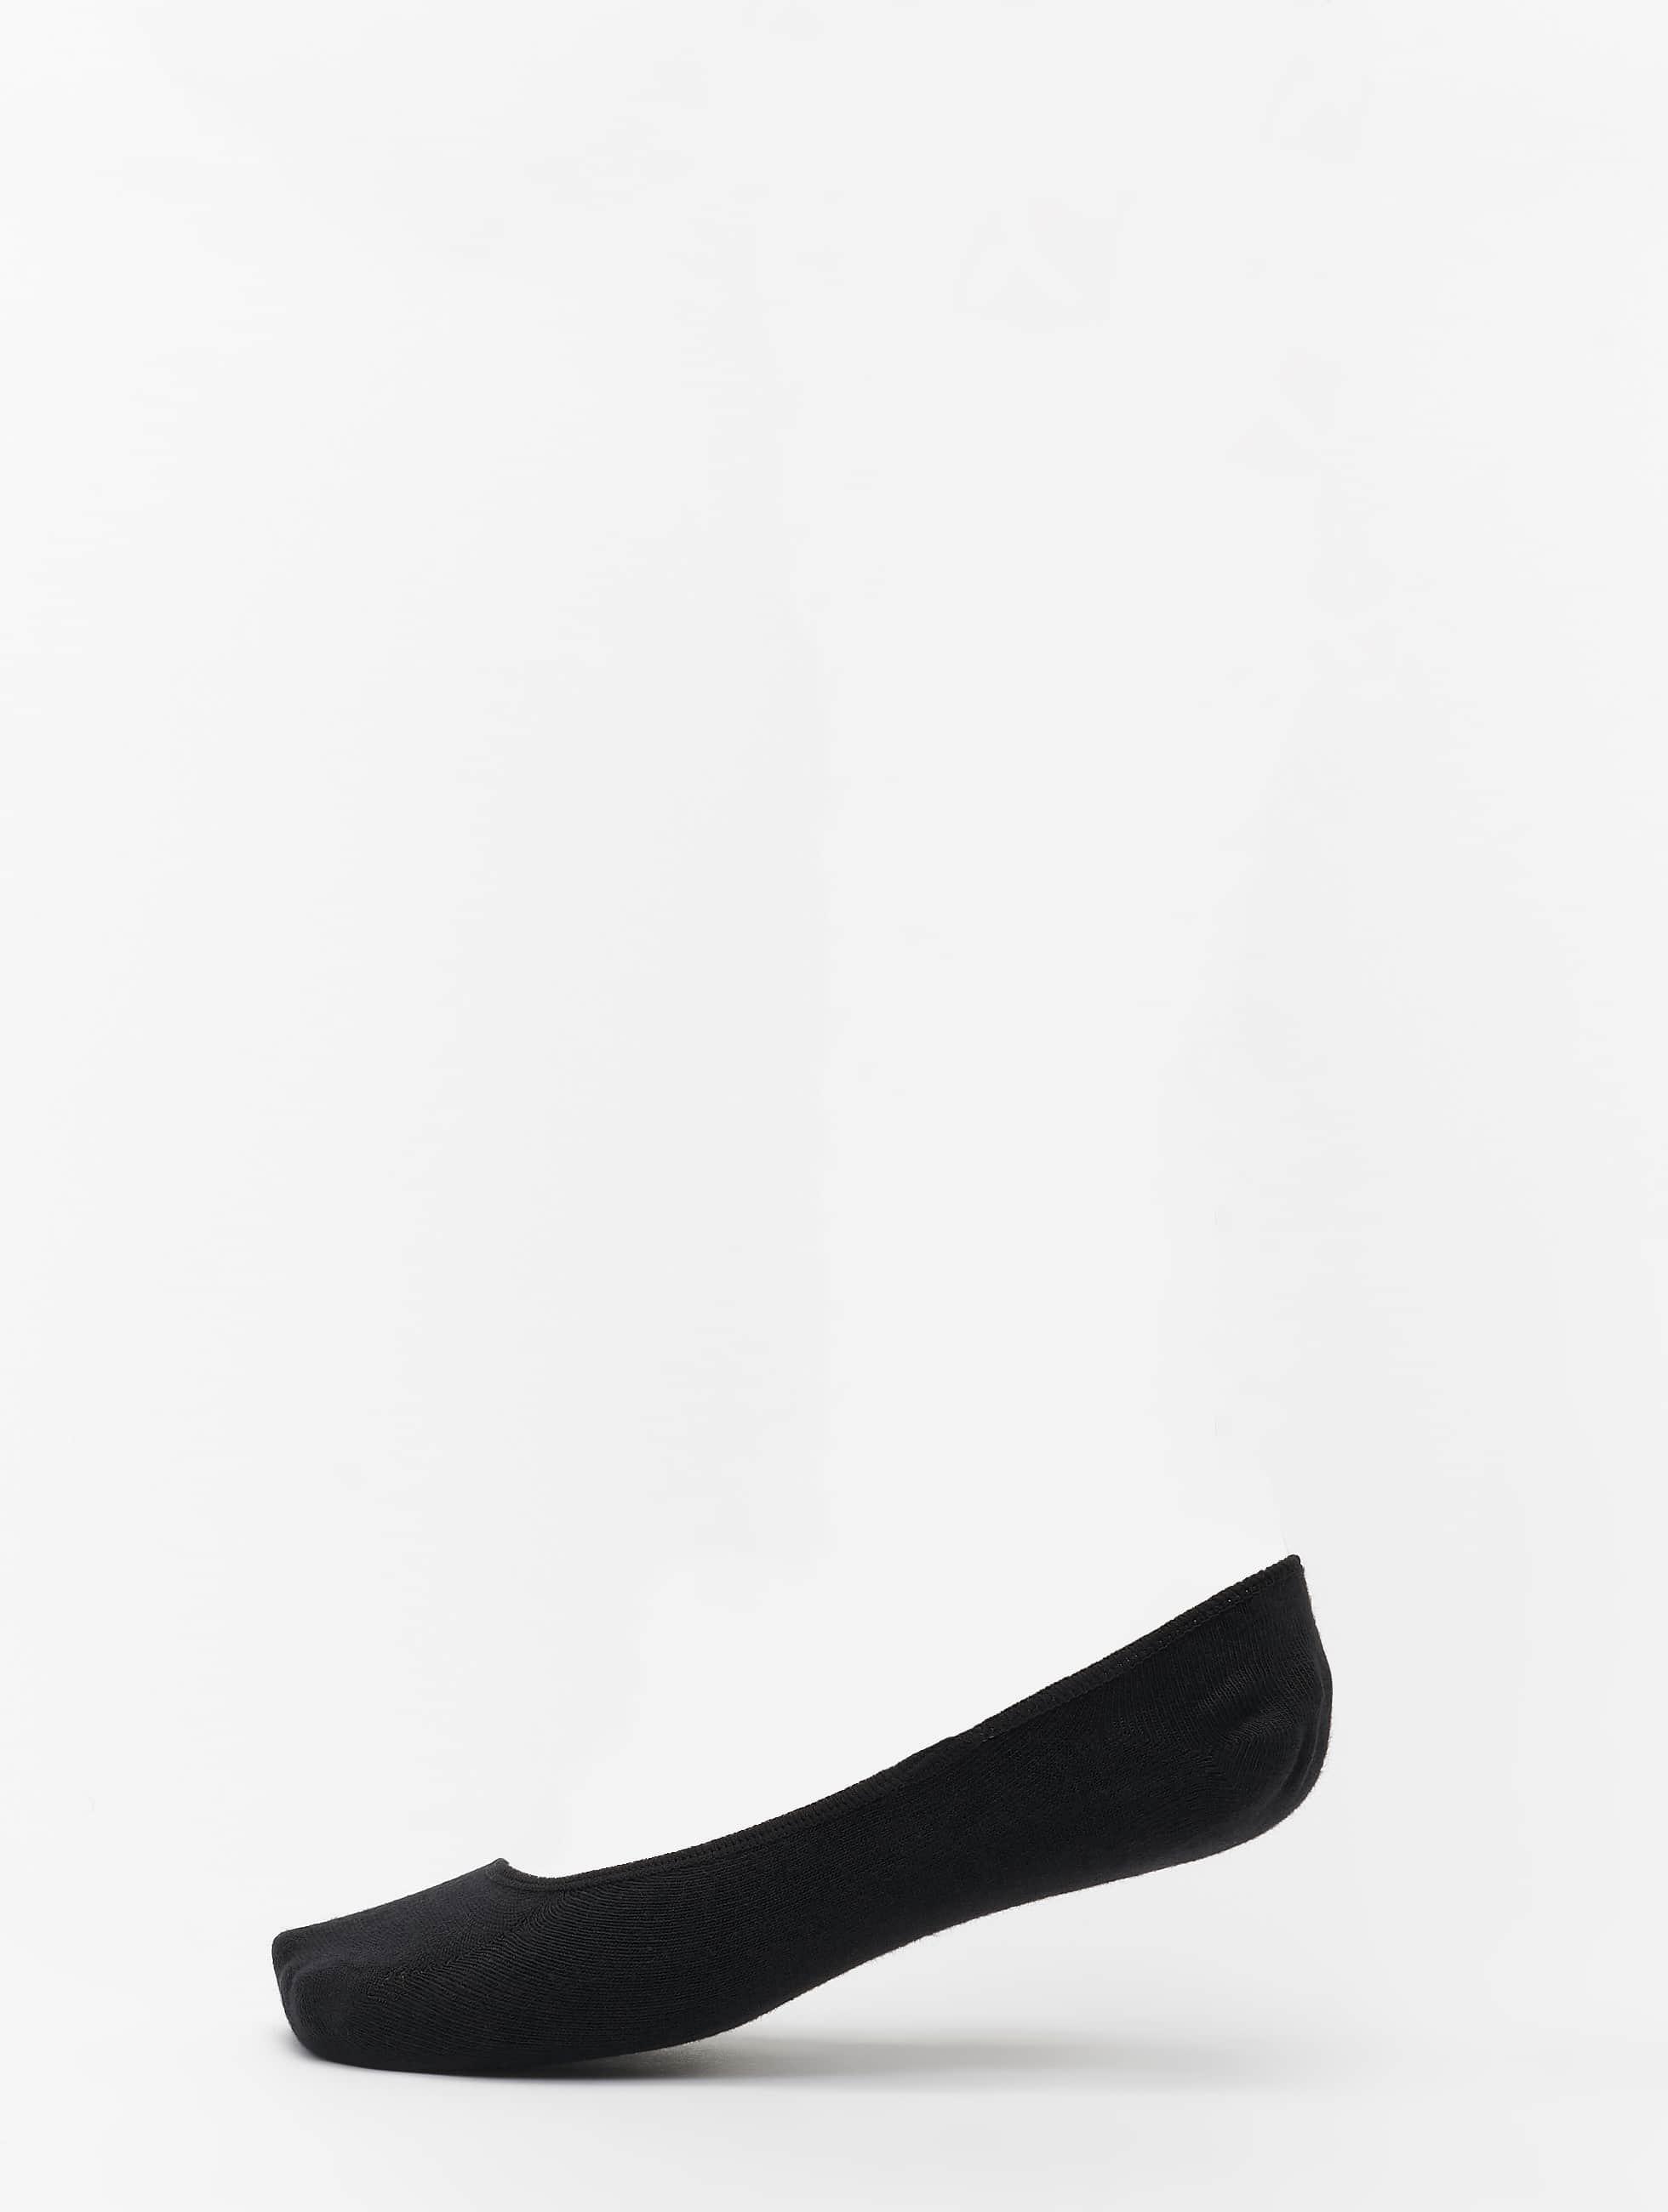 Urban Classics Chaussettes Classics Invisible Socks noir